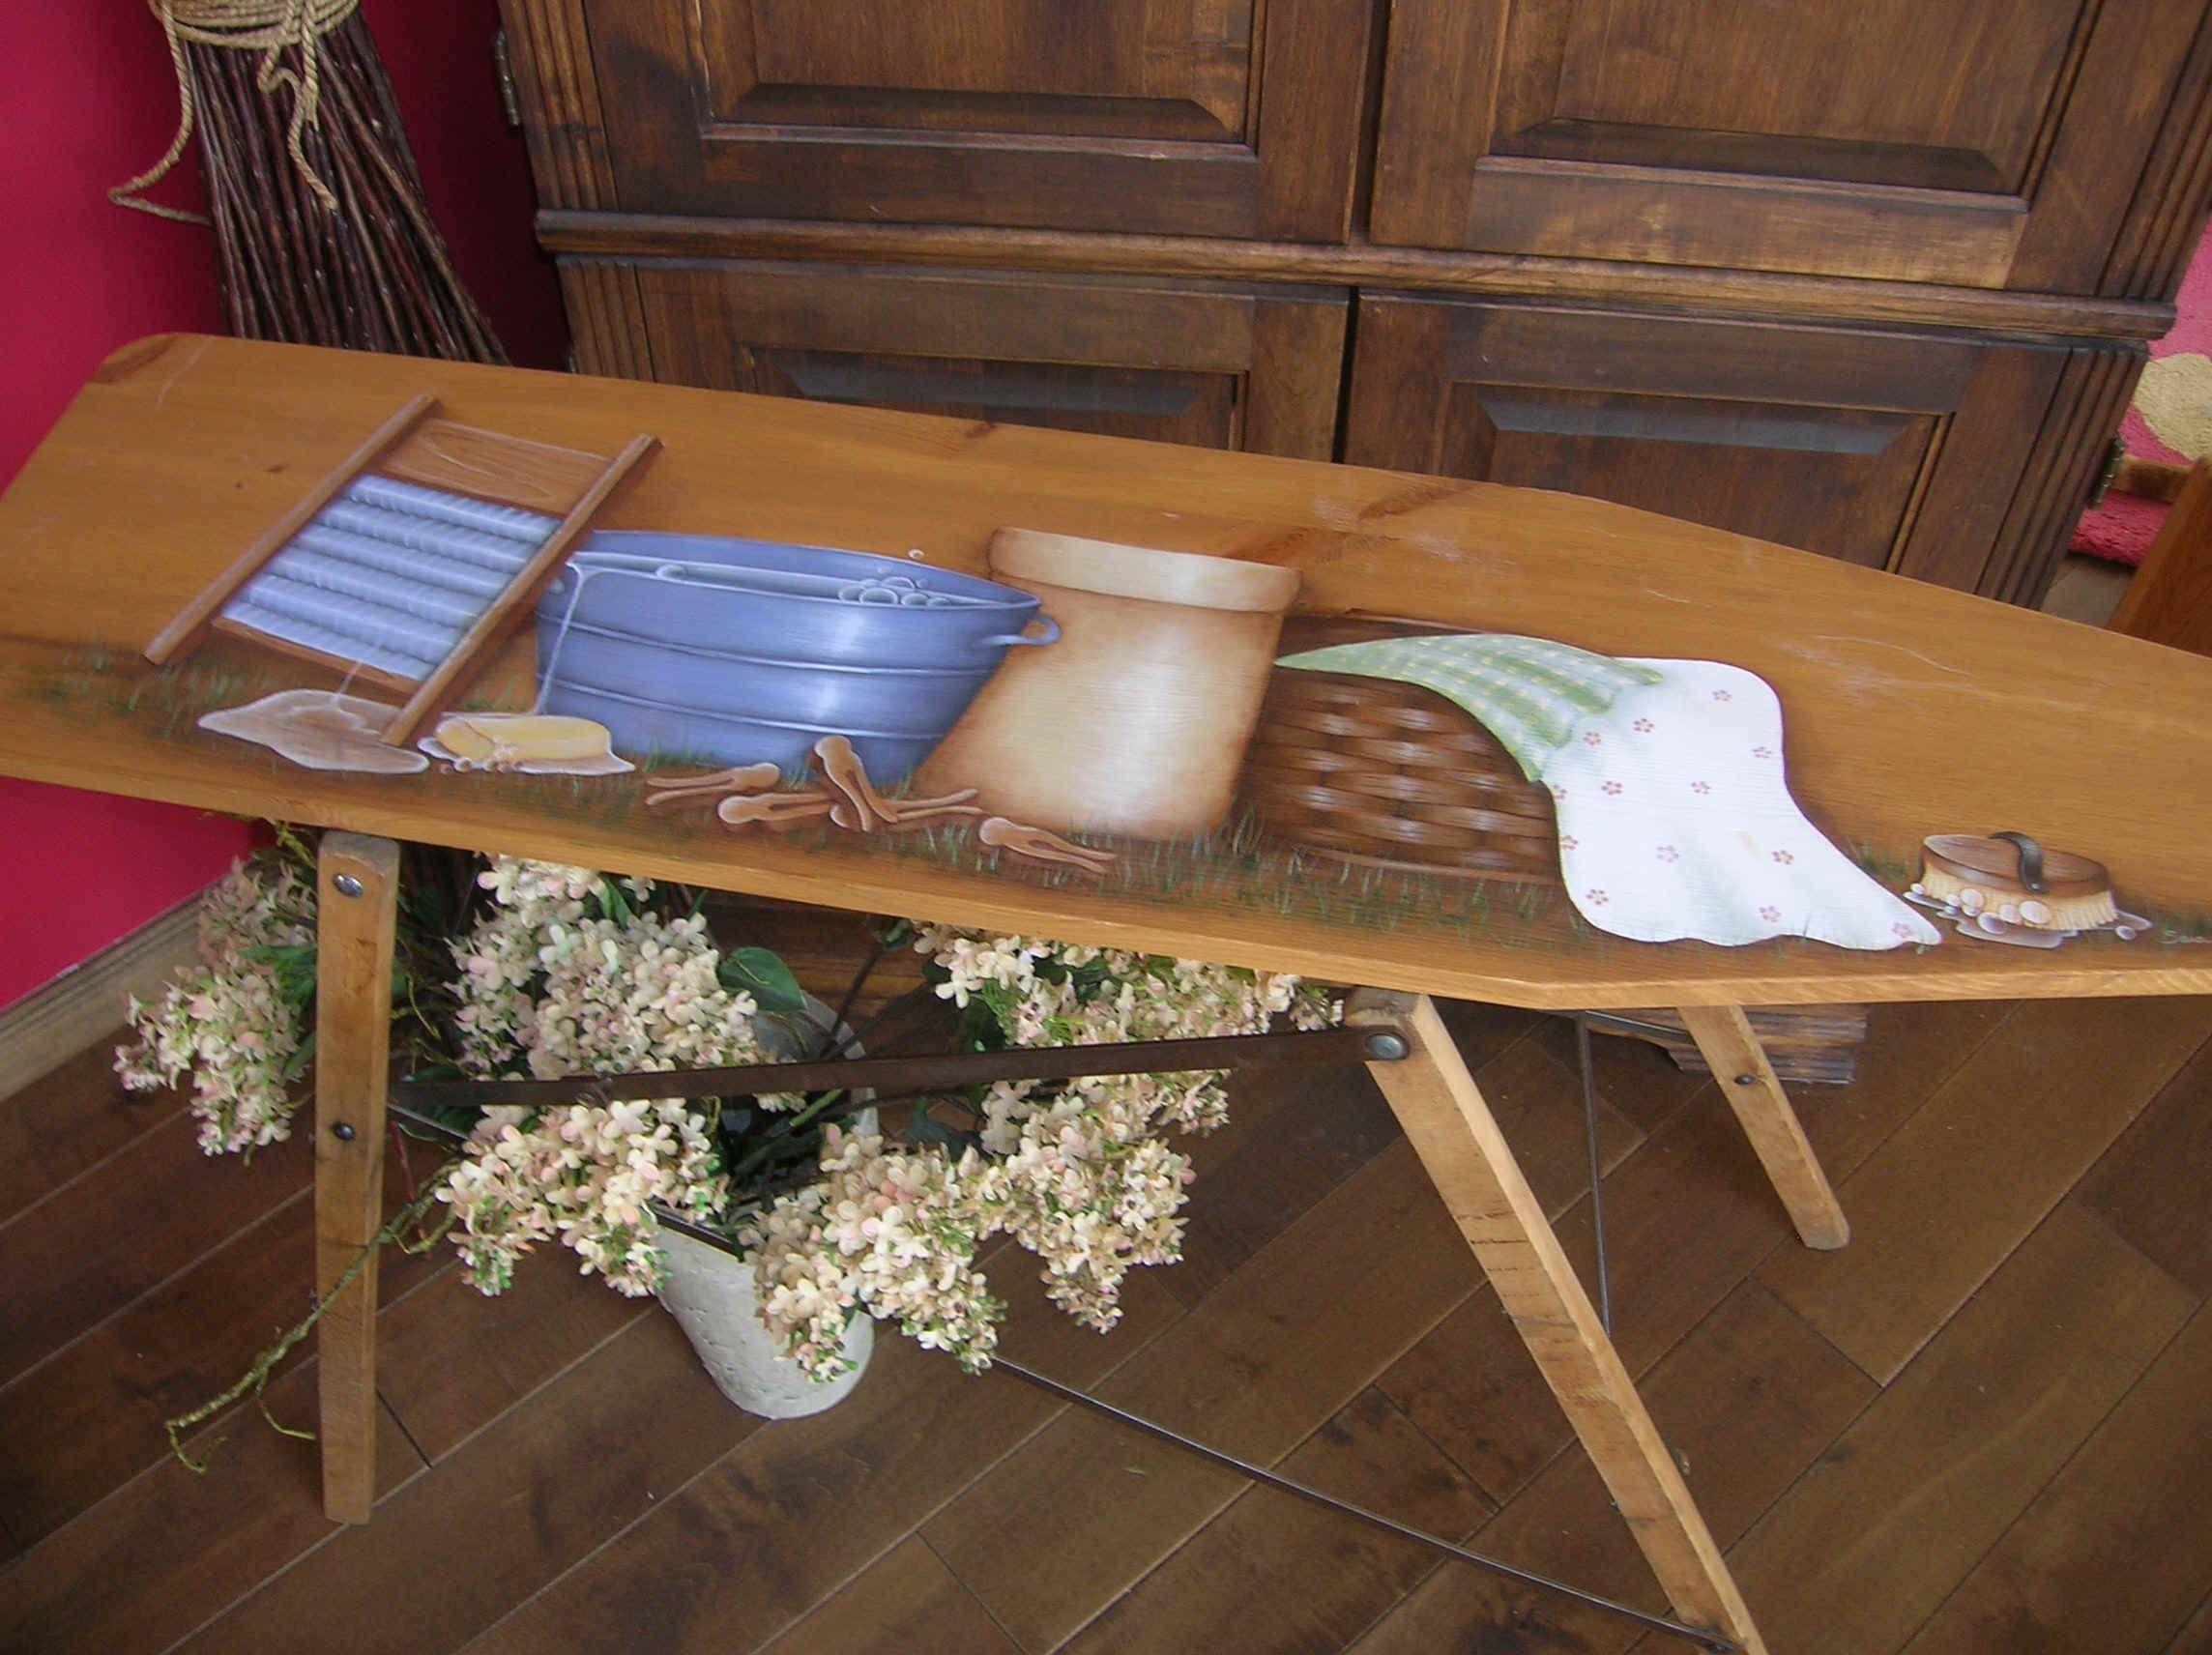 sara fillion patrons et pi ces de bois pour peinture. Black Bedroom Furniture Sets. Home Design Ideas